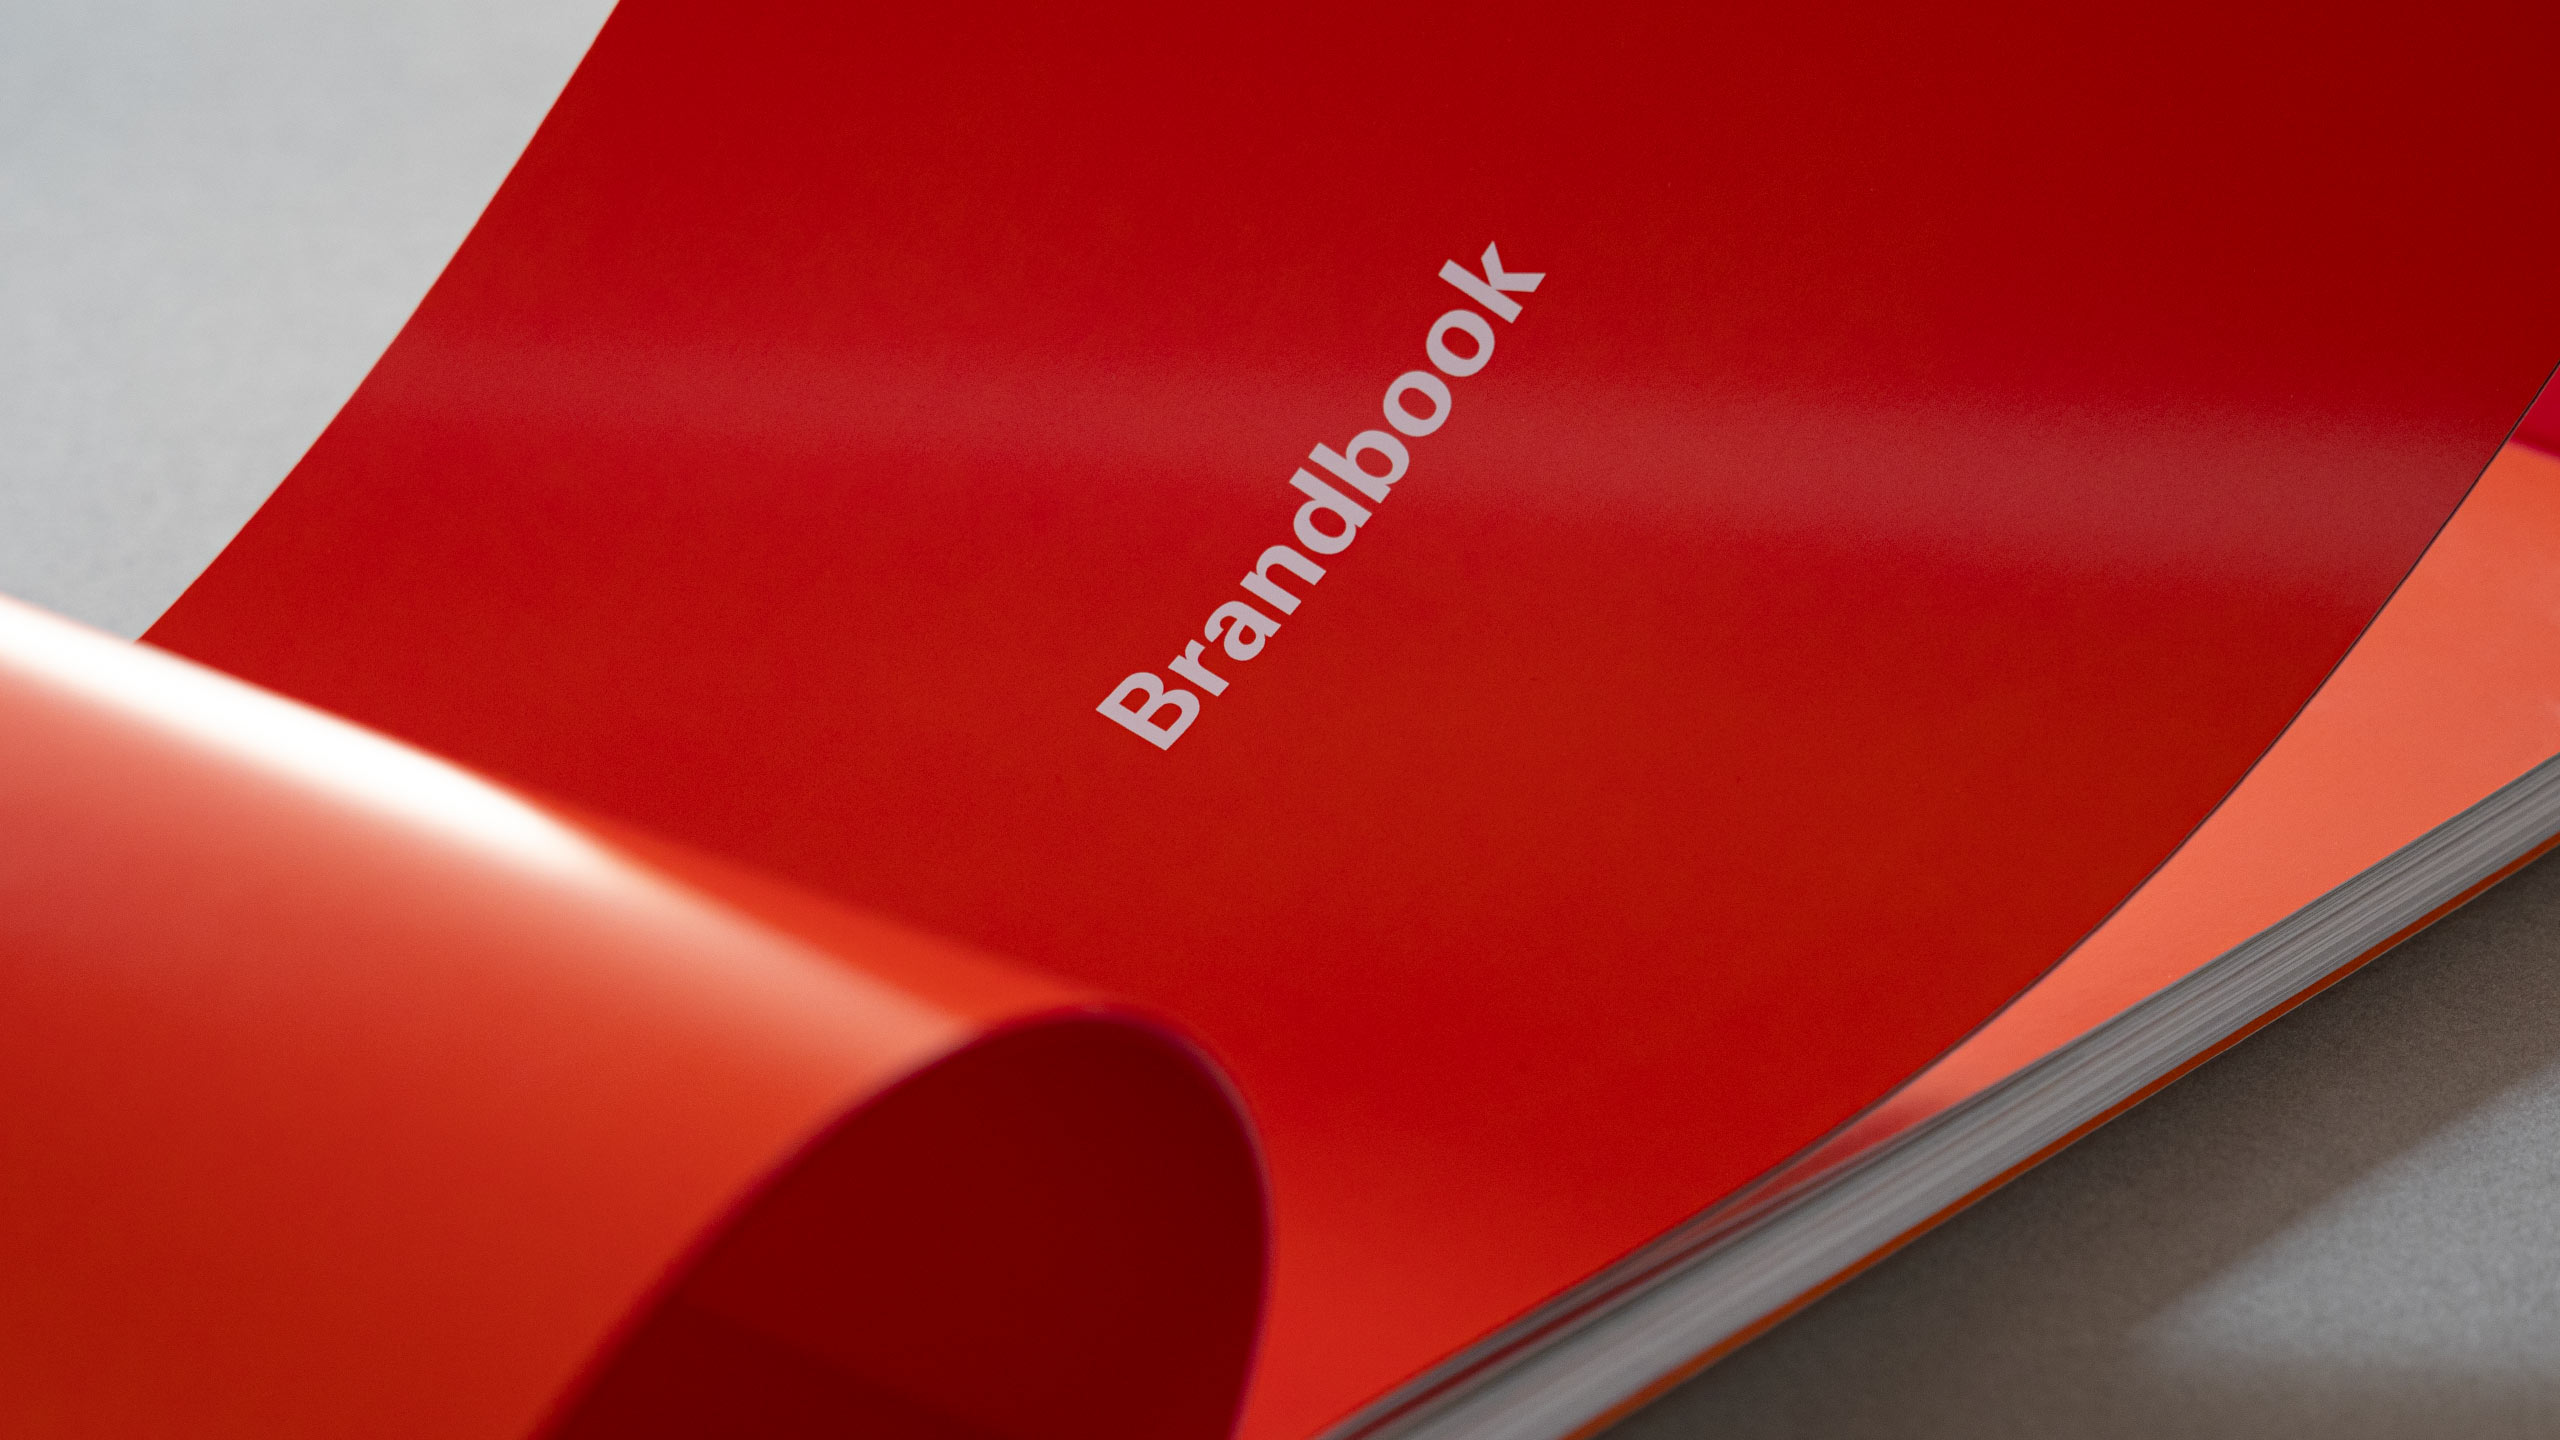 Affinity Foundation Brandbook